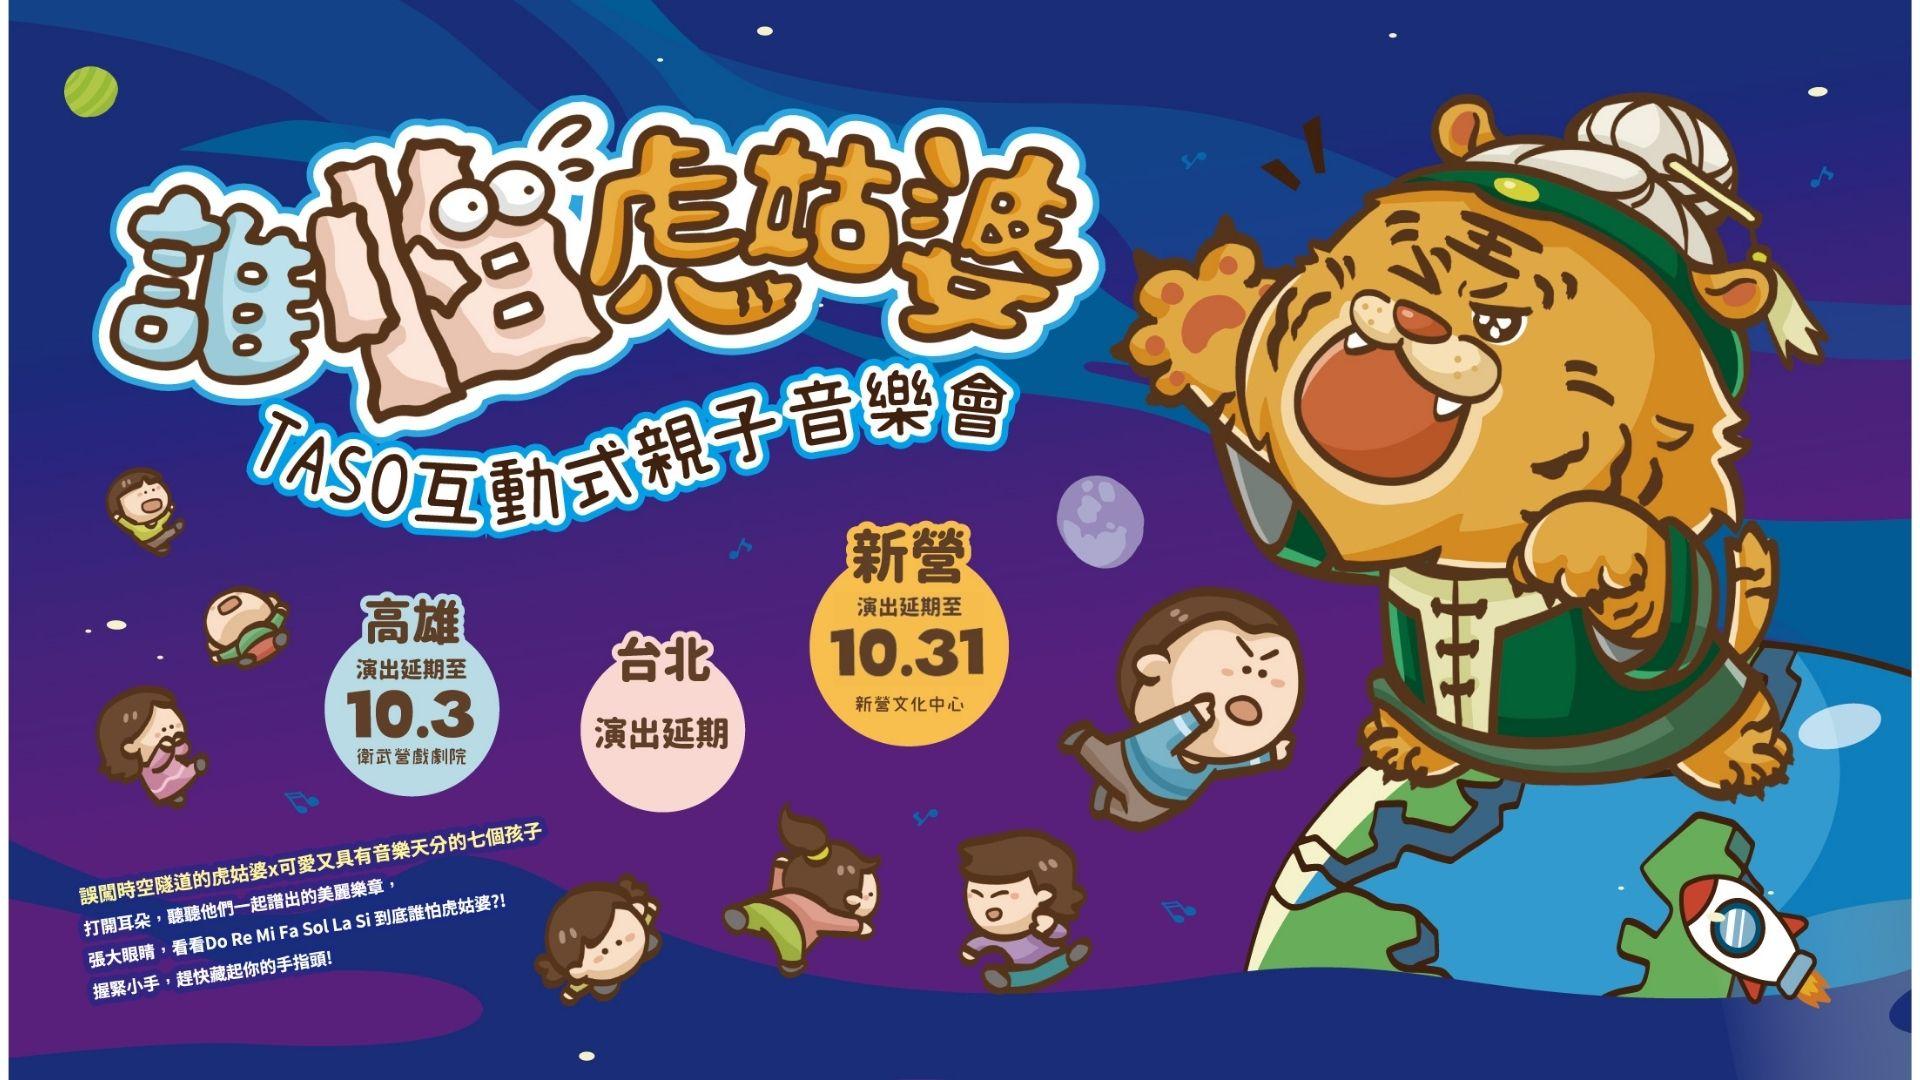 台南場《誰怕虎姑婆-TASO互動式親子音樂會》